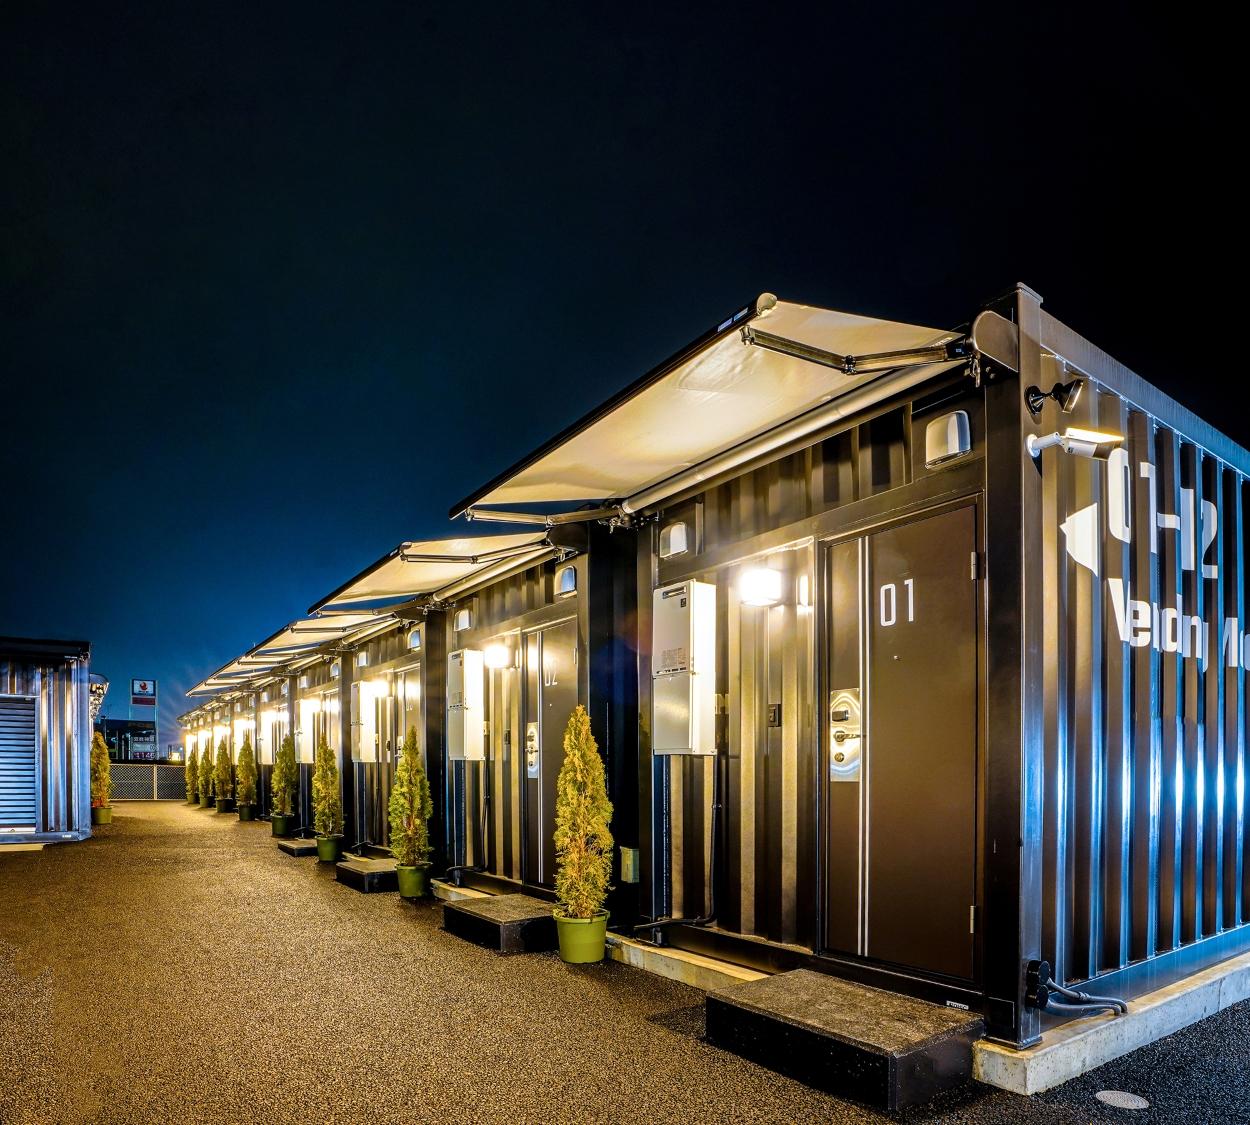 HOTEL R9 The Yard 矢板